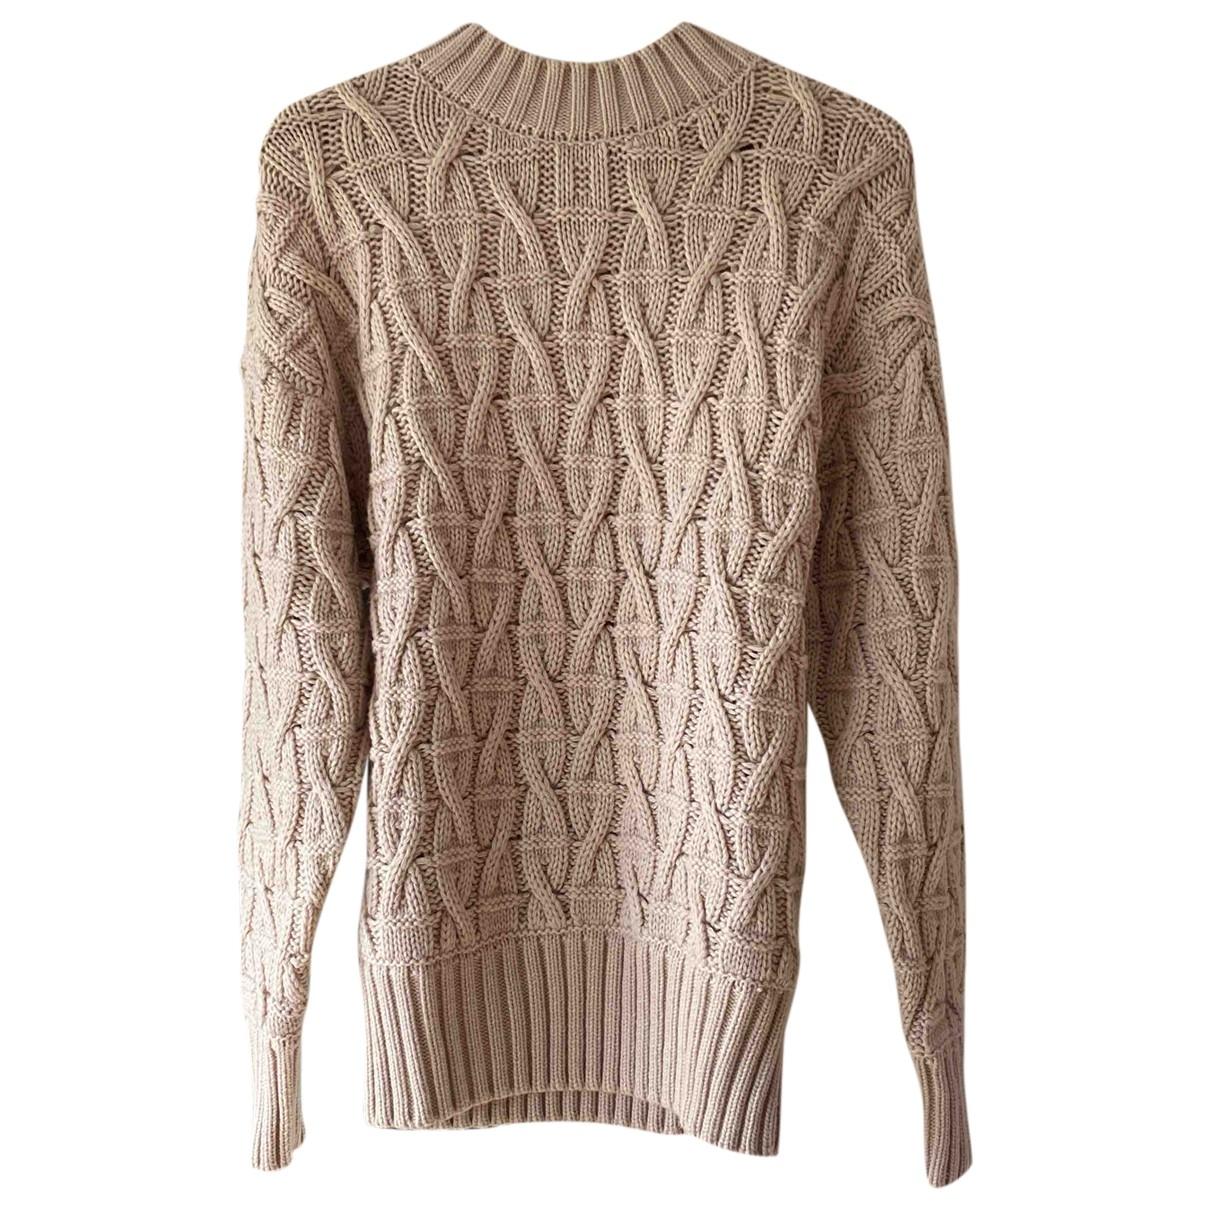 Toteme - Pull   pour femme en laine - beige